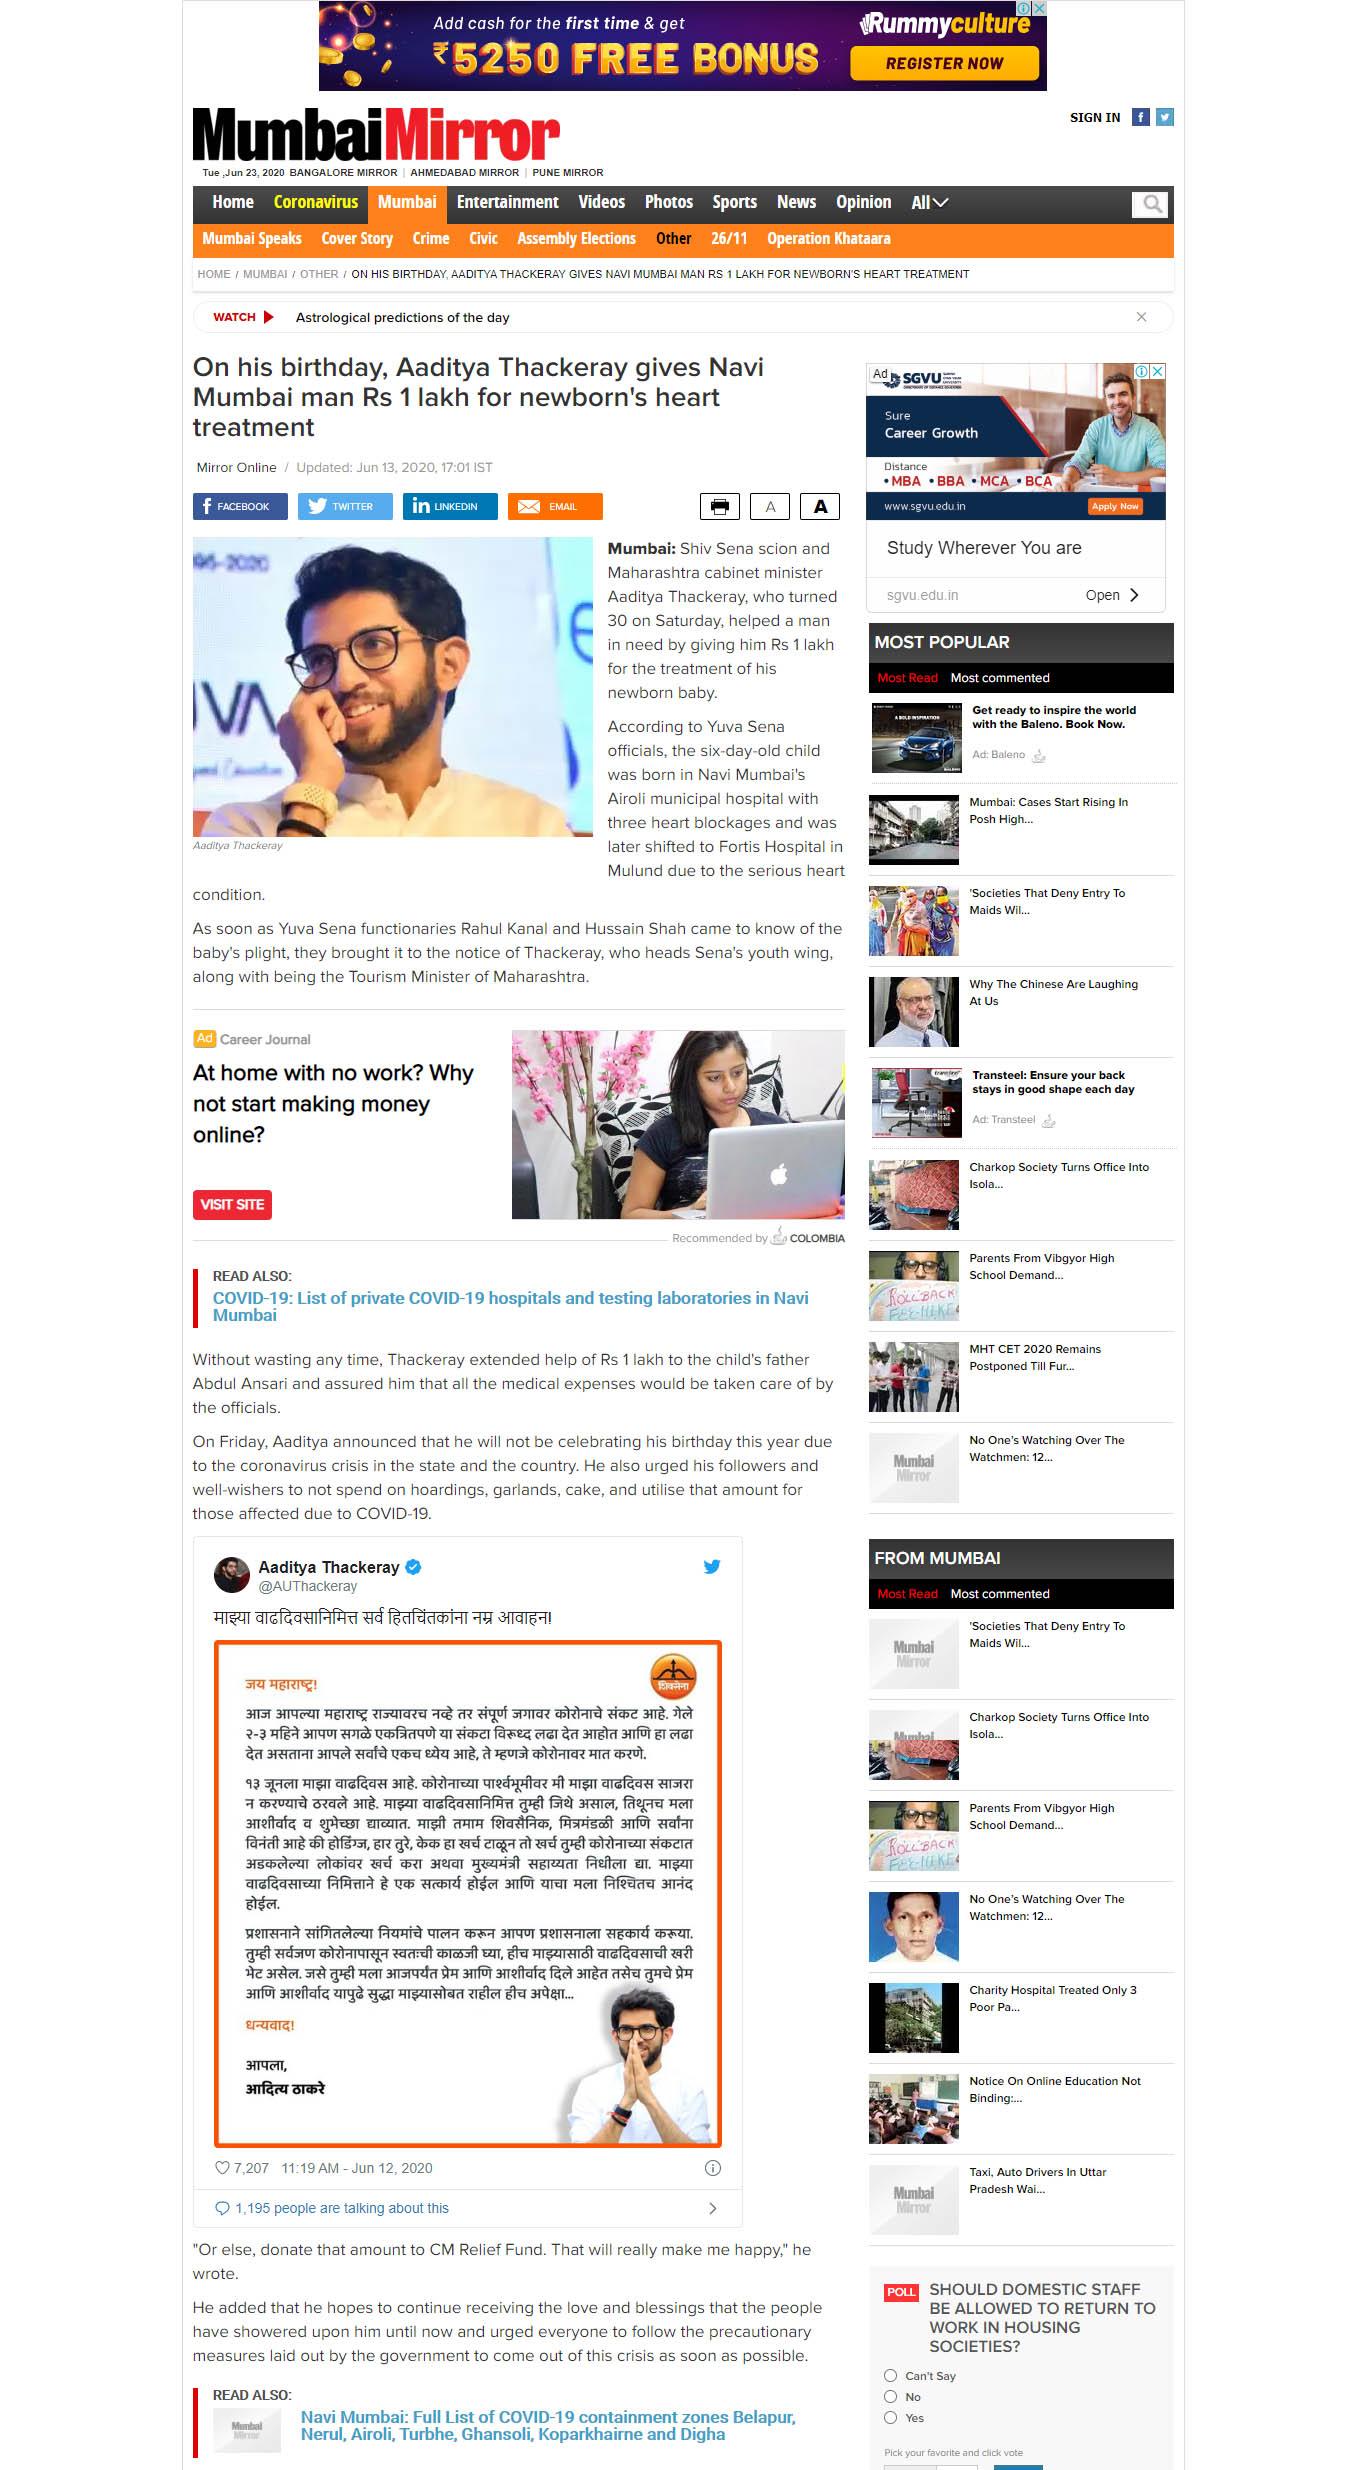 News - On His Birthday, Aaditya Thackeray Gives Navi Mumbai Man Rs 1 Lakh For Newborn's Heart Treatment